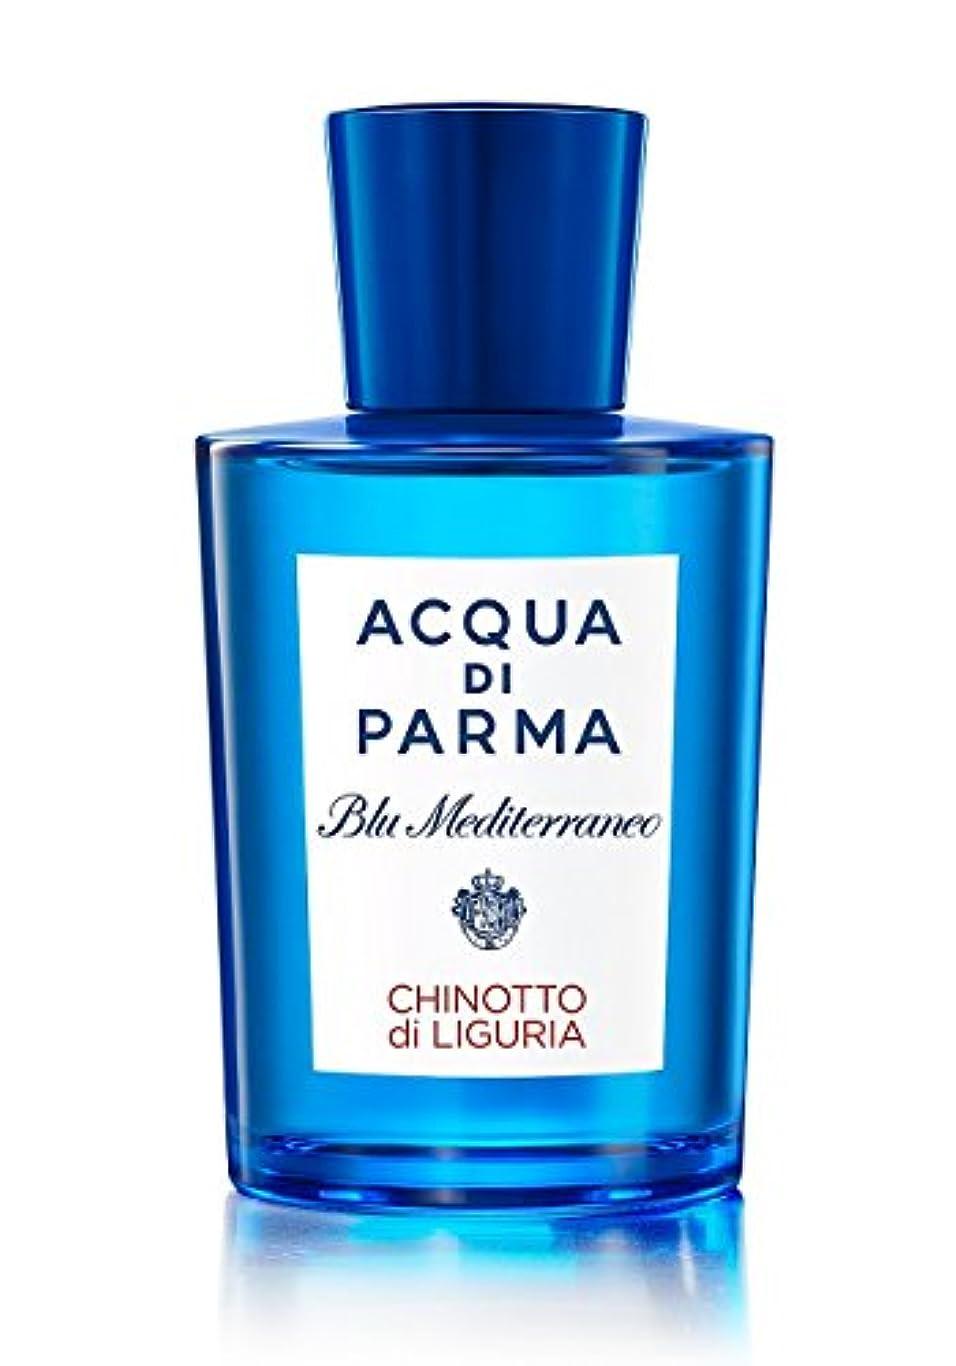 アンビエント女将未接続アクアディパルマ Blu Mediterraneo Chinotto Di Liguria Eau De Toilette Spray 150ml/5oz並行輸入品